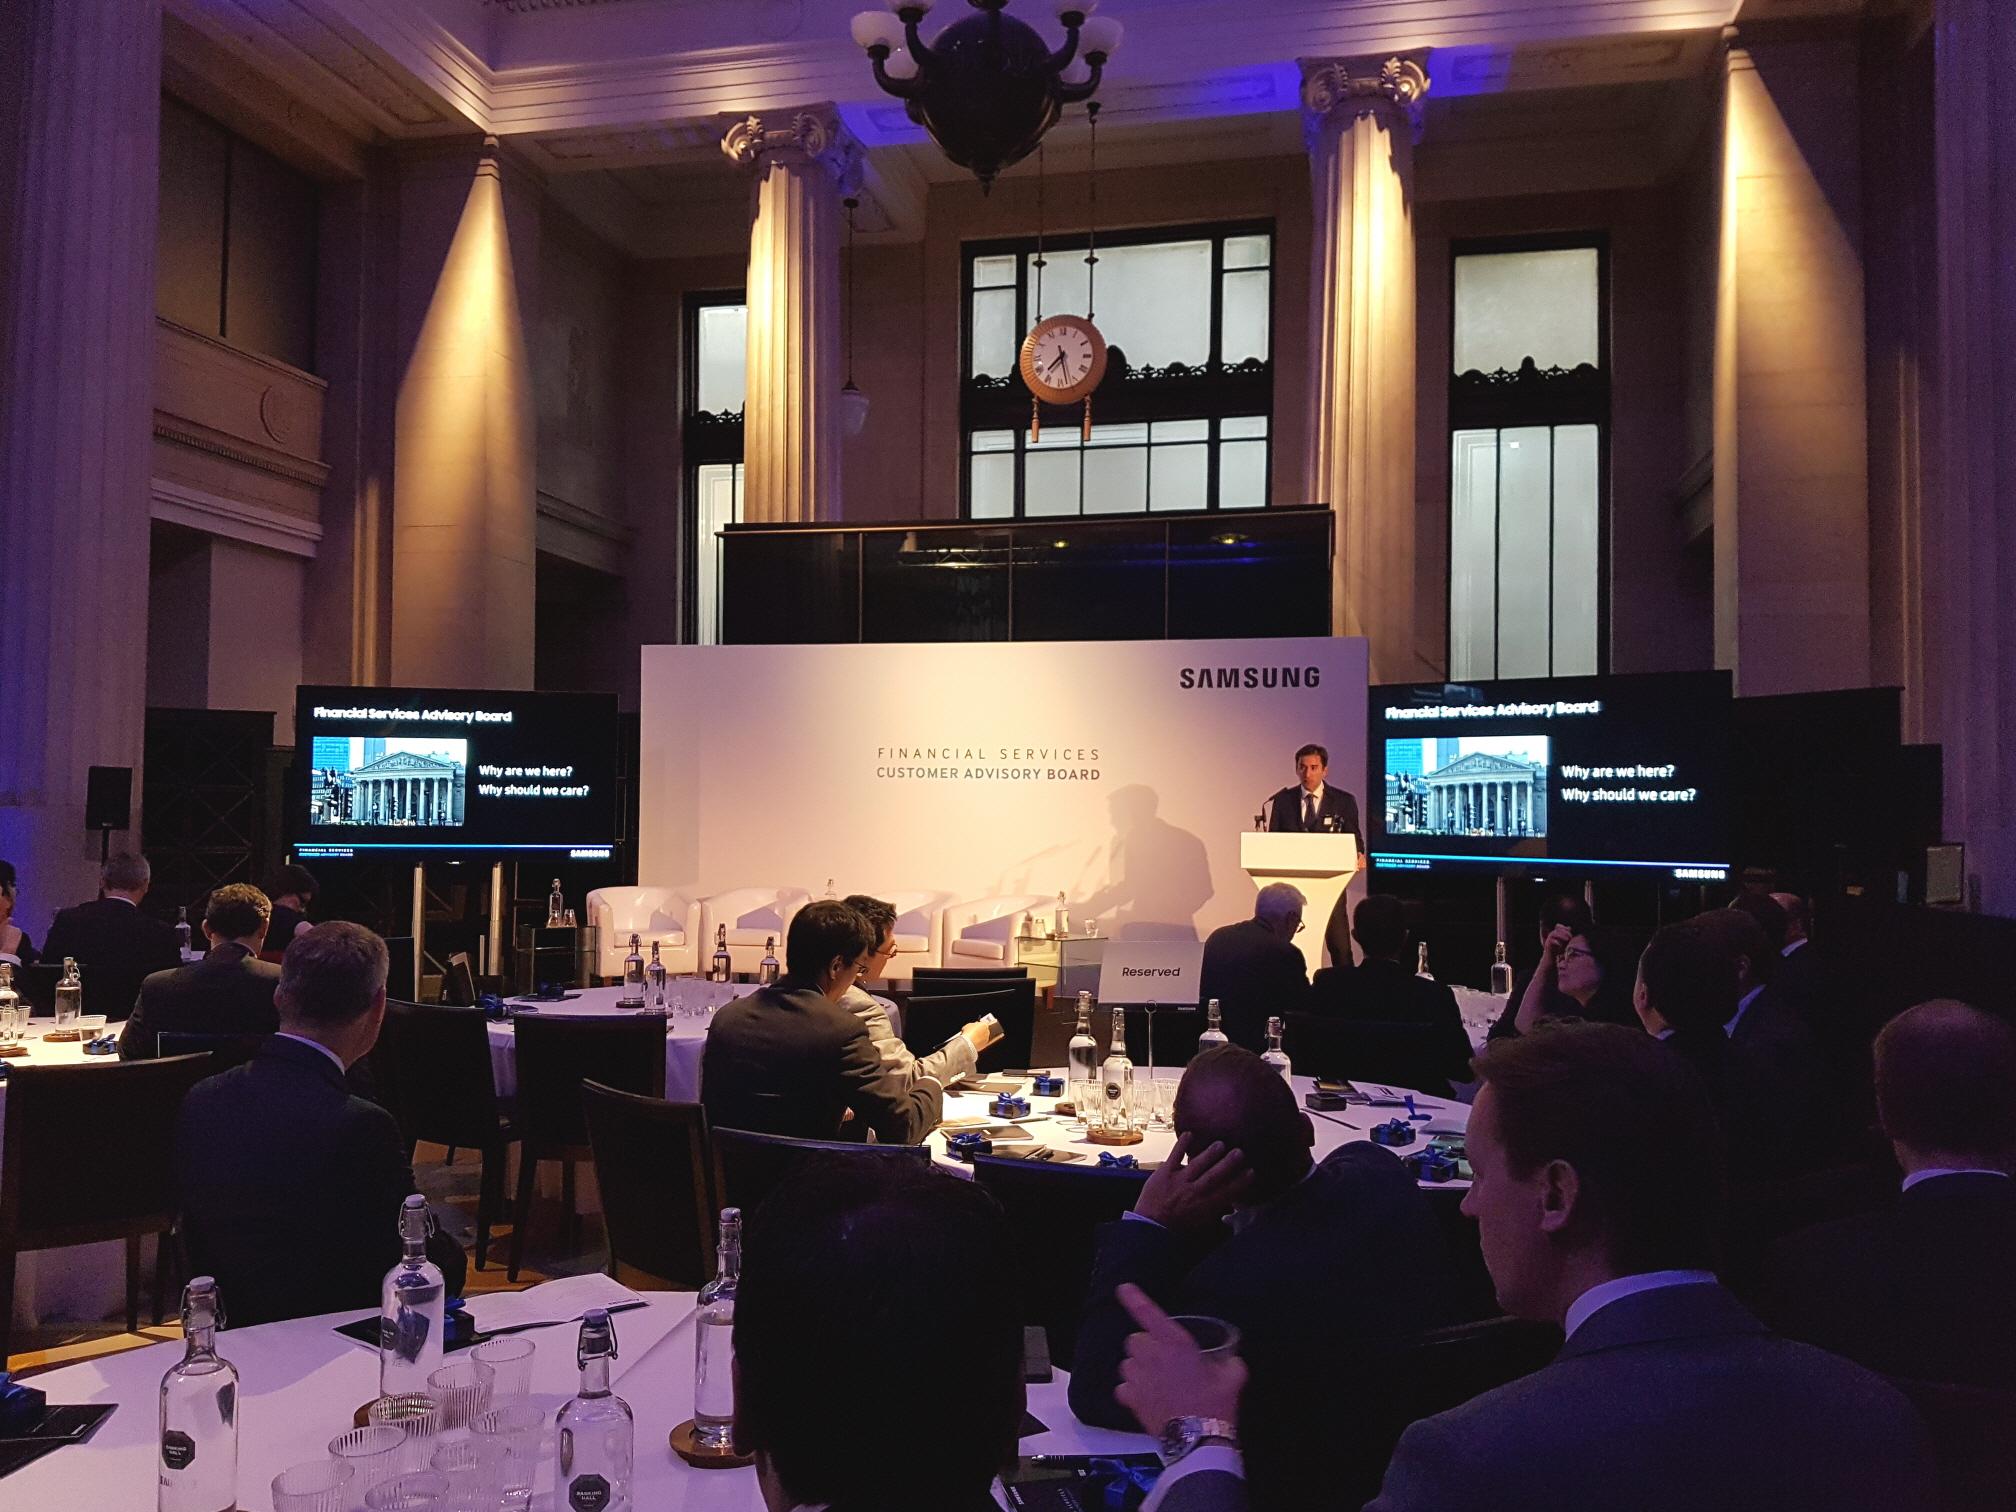 삼성전자와 함께 유럽의 Top 금융기관을 대상으로 솔루션 설명회를 진행하는 모습